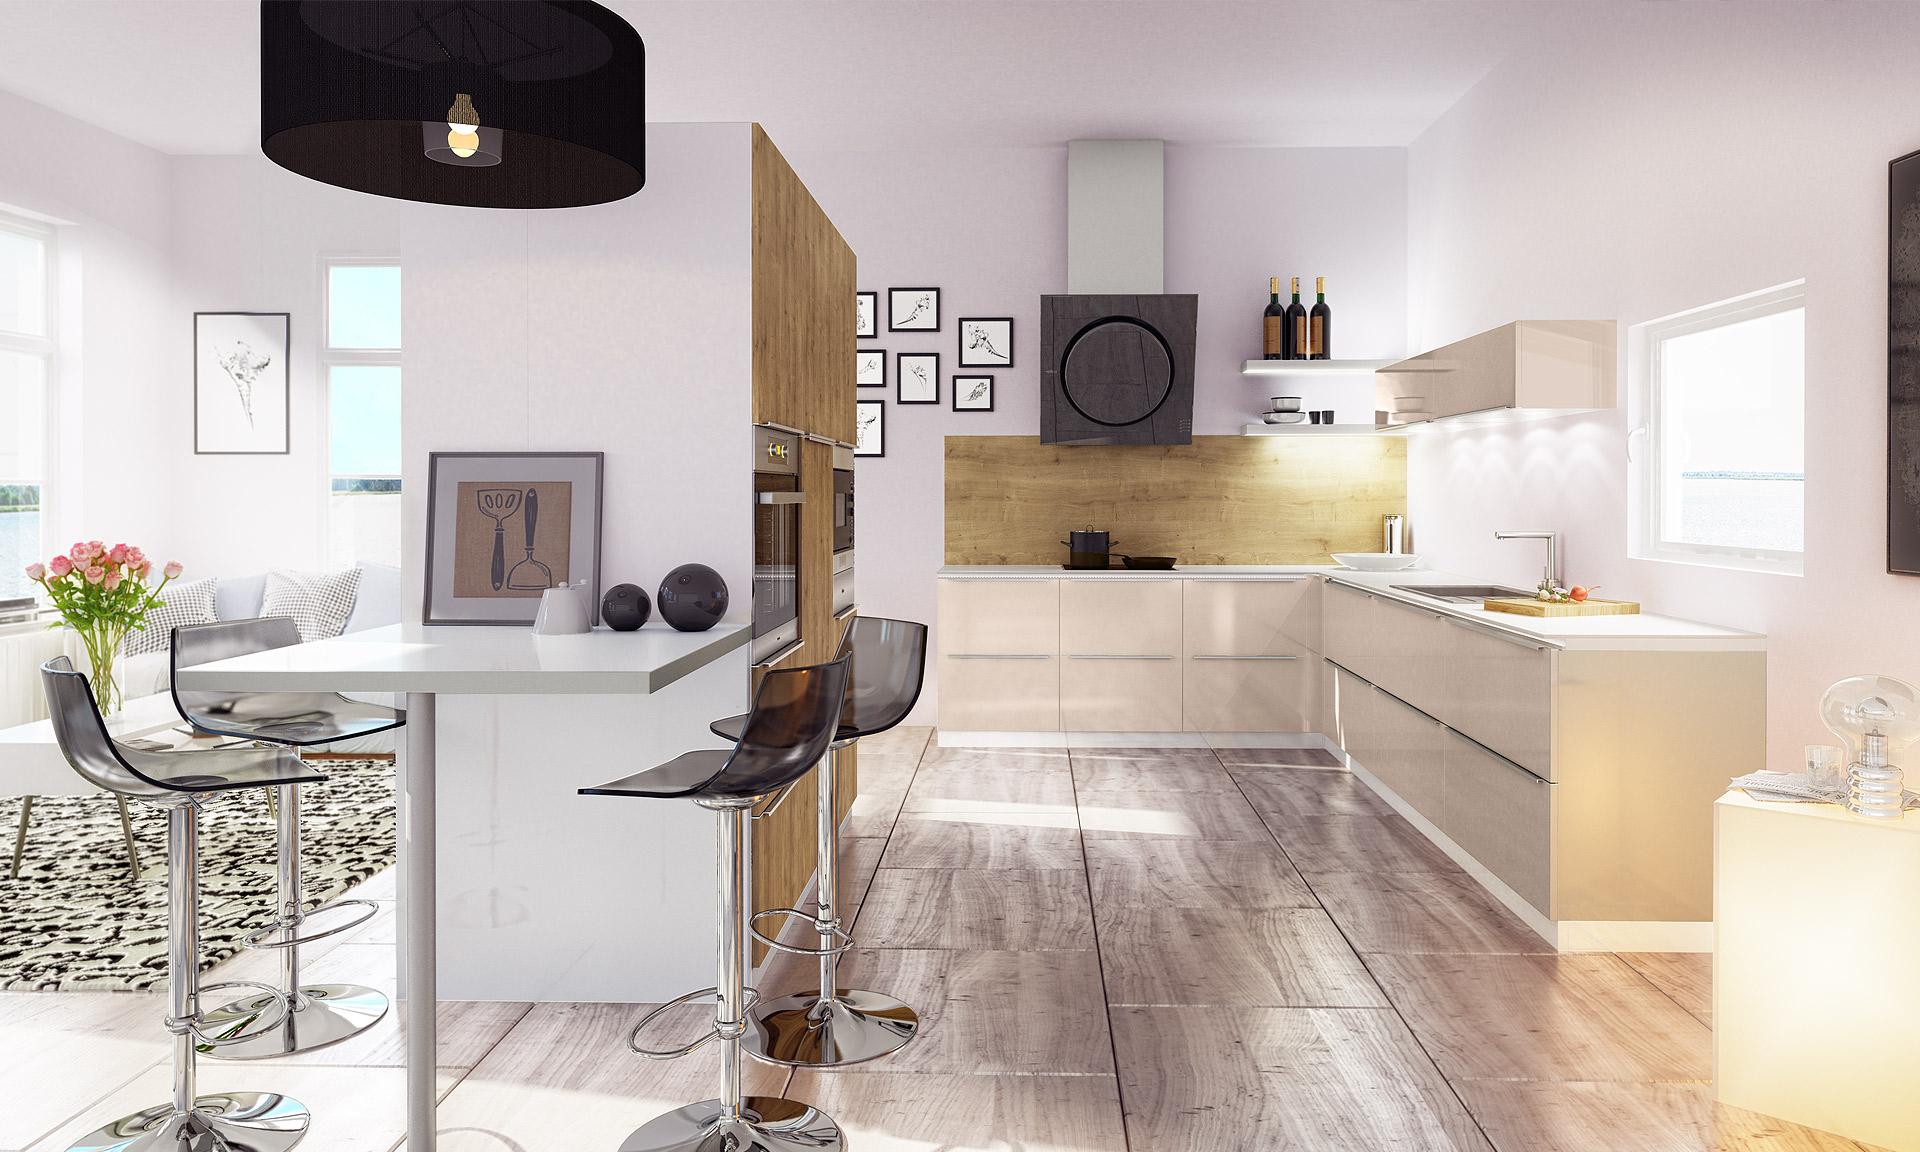 Cette cuisine moderne associe des matériaux et des coloris ...